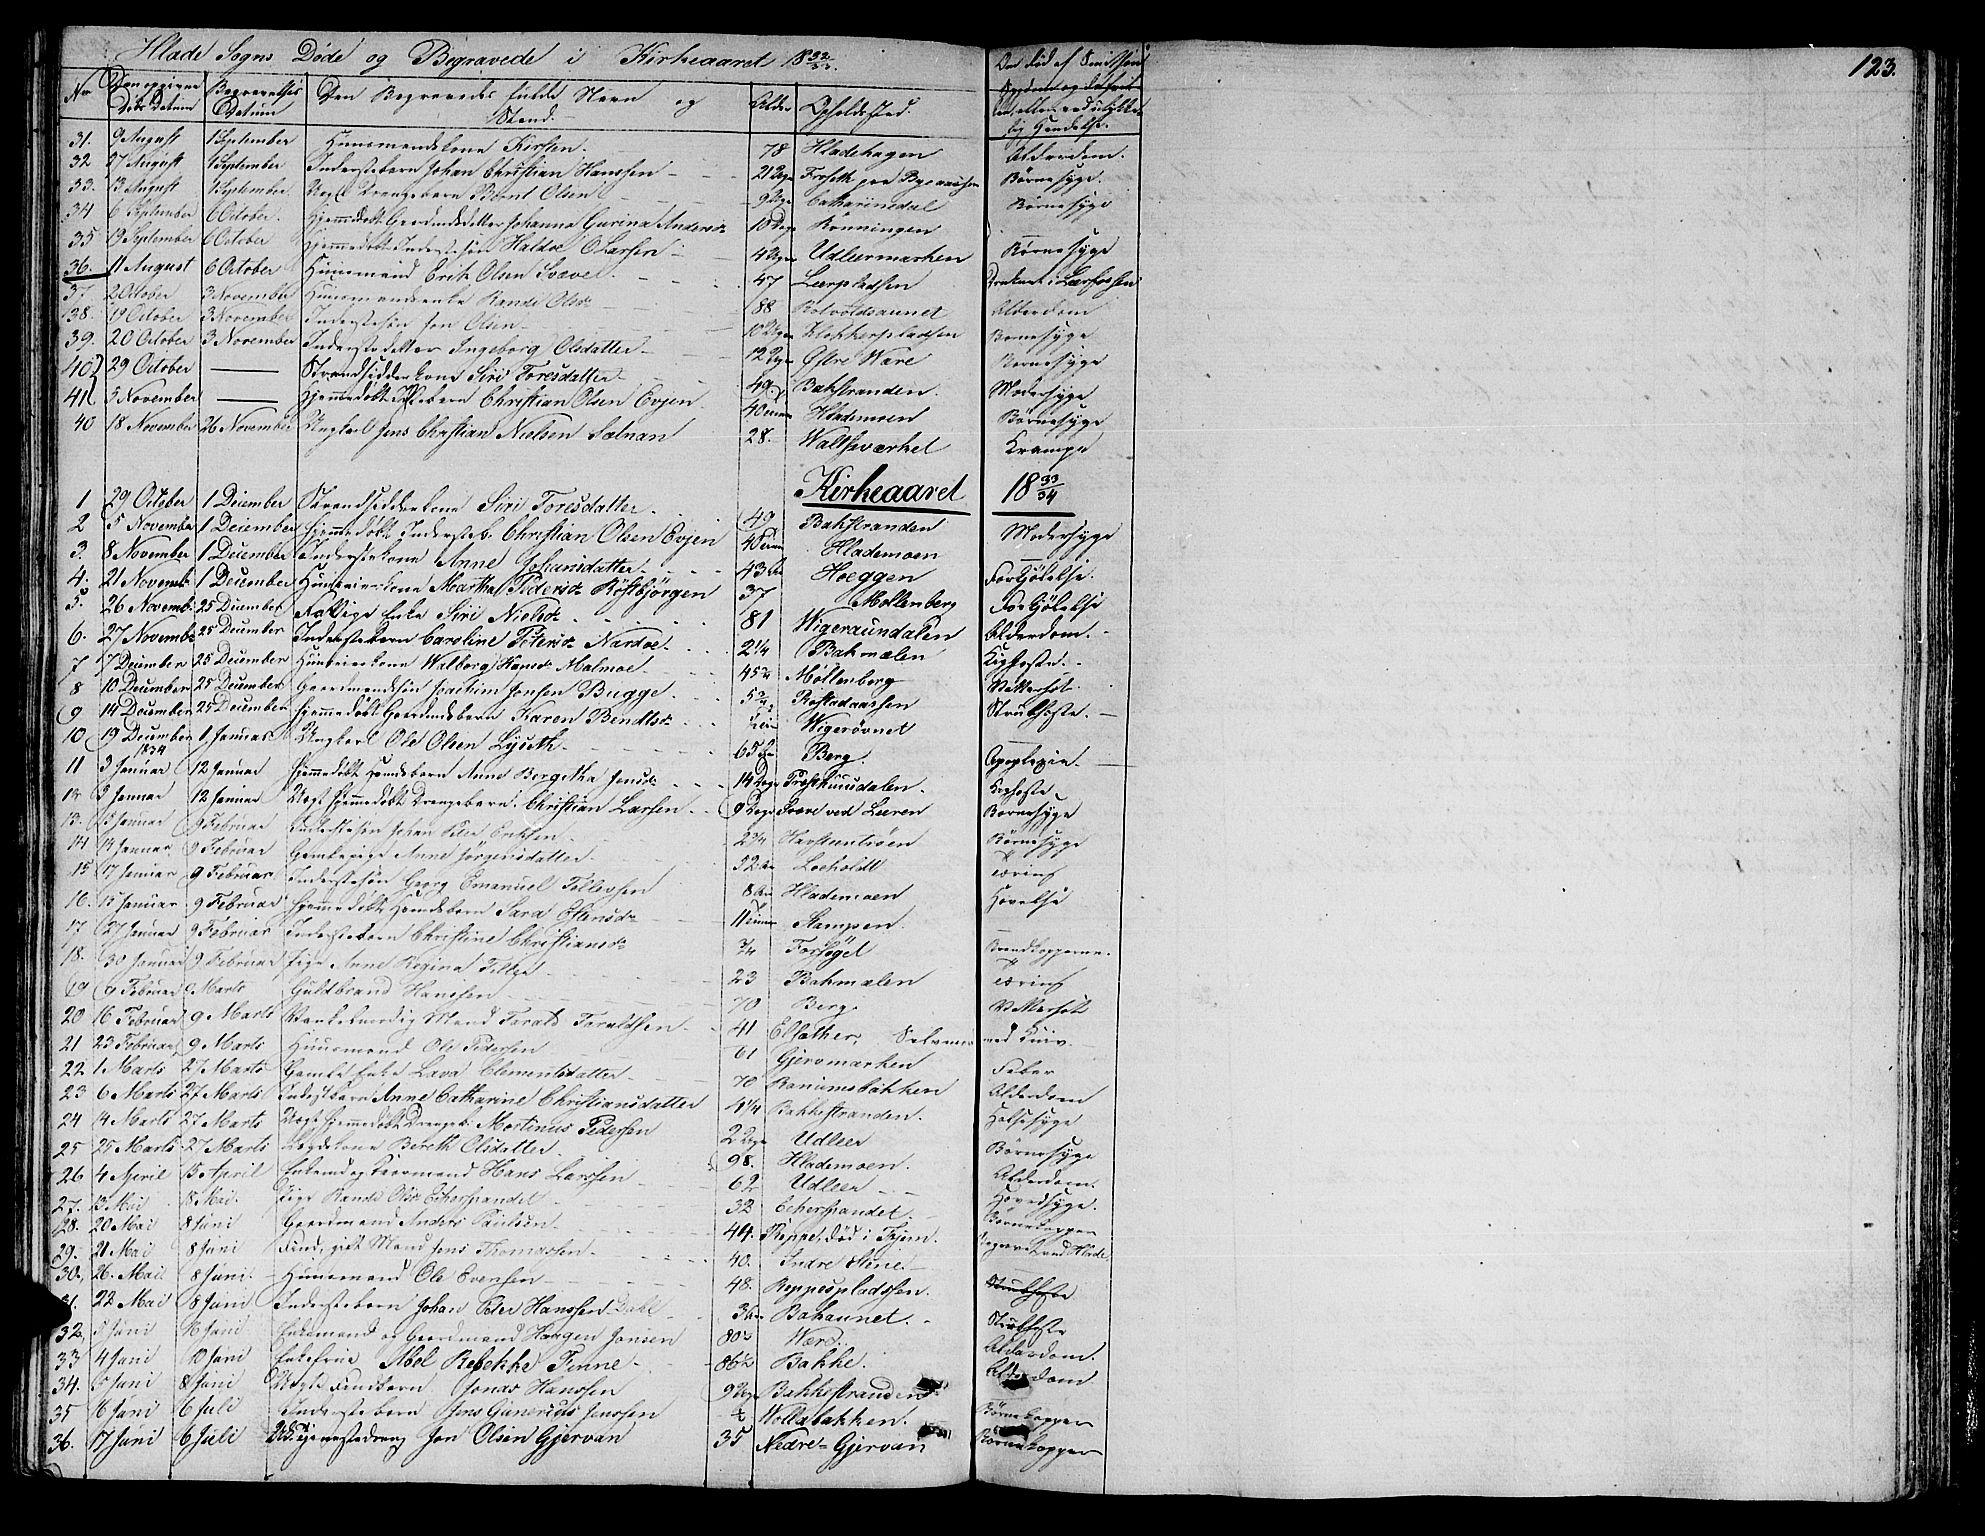 SAT, Ministerialprotokoller, klokkerbøker og fødselsregistre - Sør-Trøndelag, 606/L0308: Klokkerbok nr. 606C04, 1829-1840, s. 123